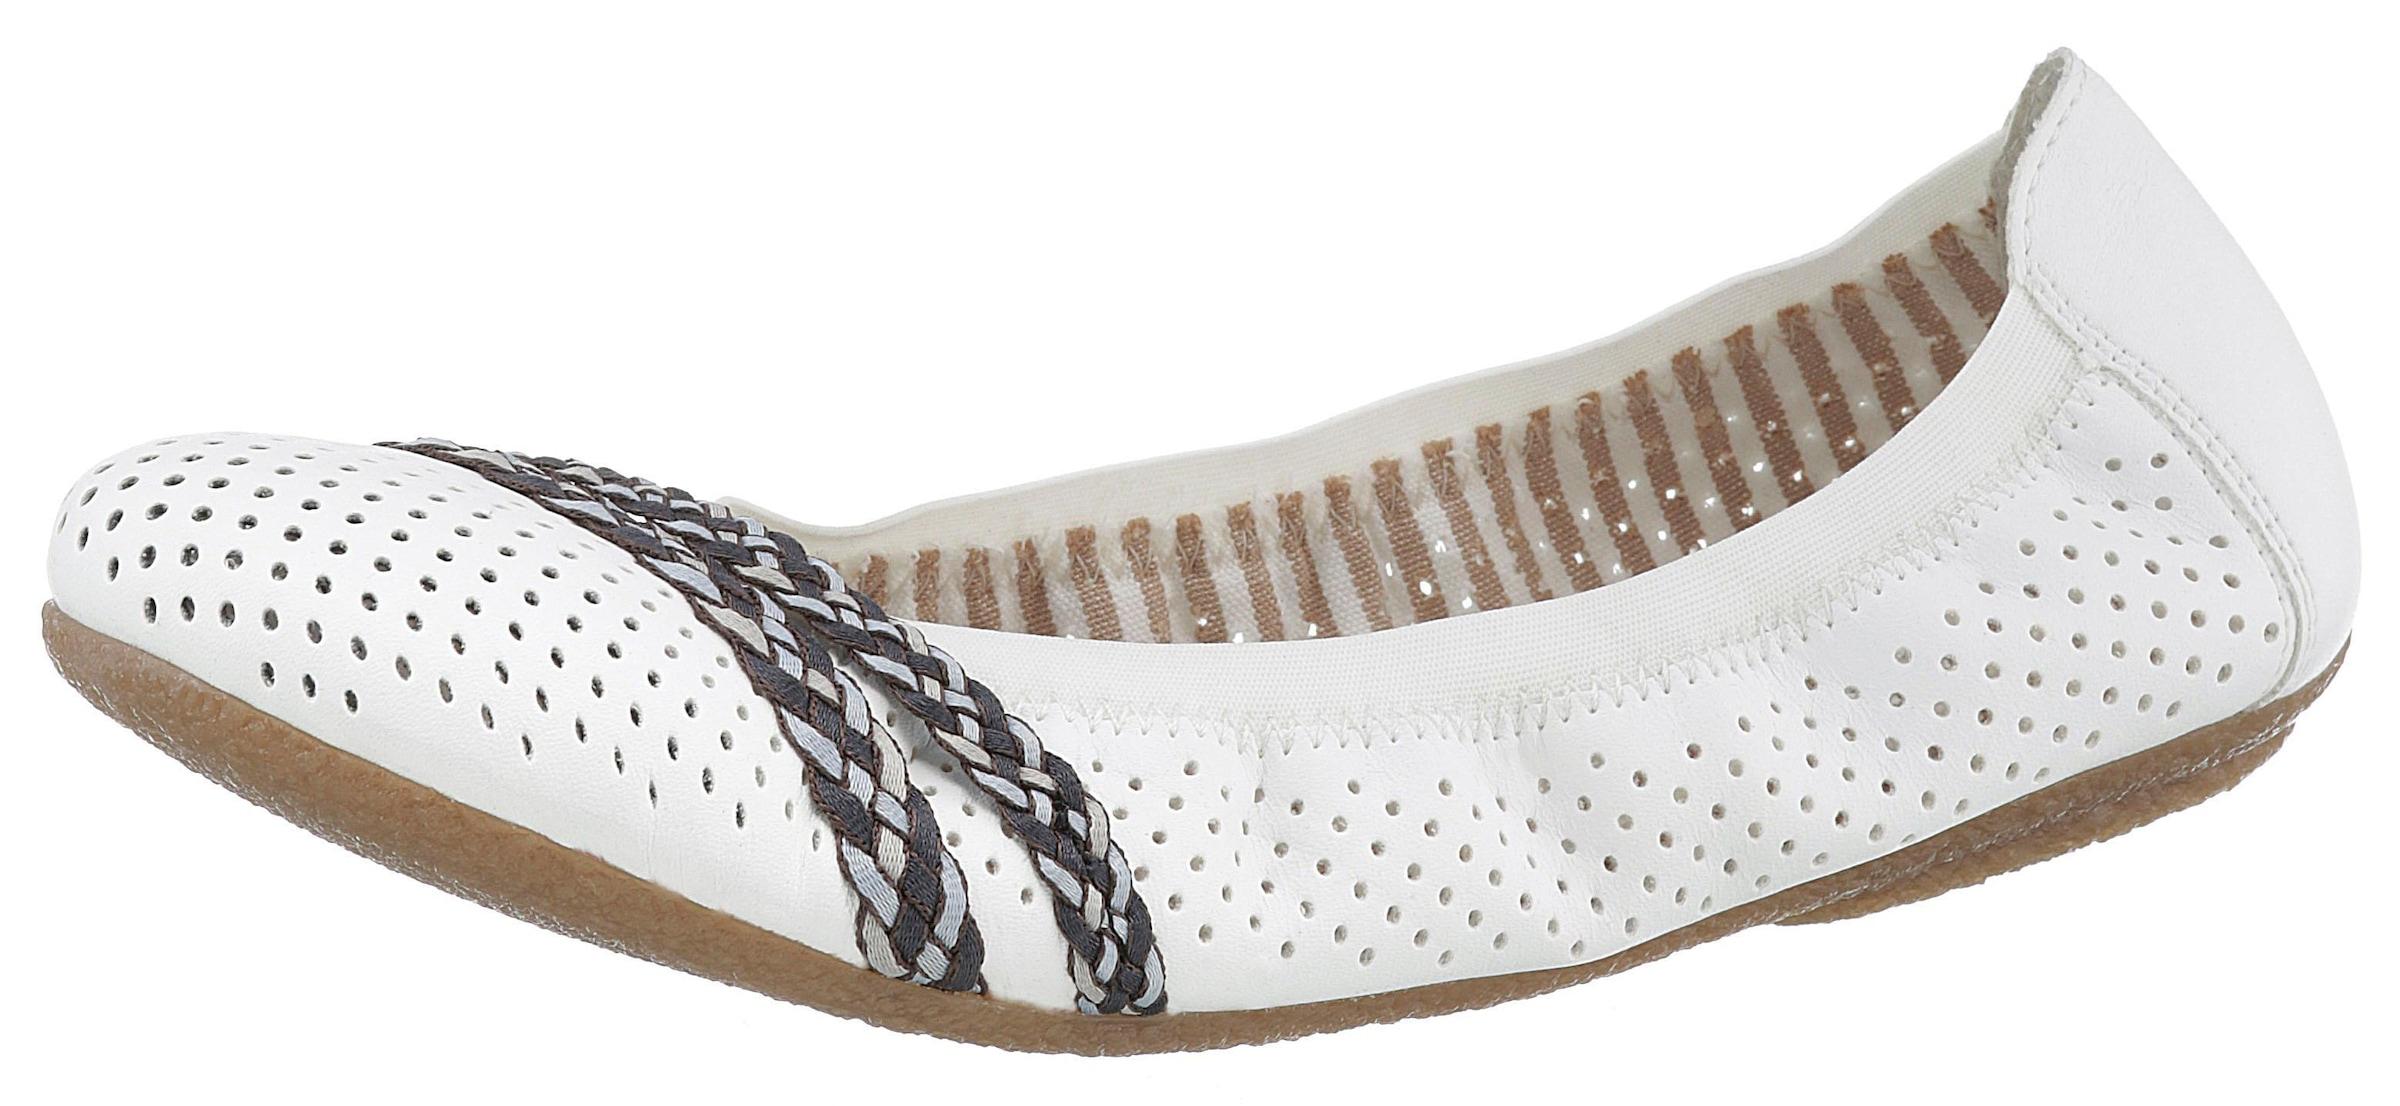 Rieker Sneaker Ballerinas per Rechnung | BAUR